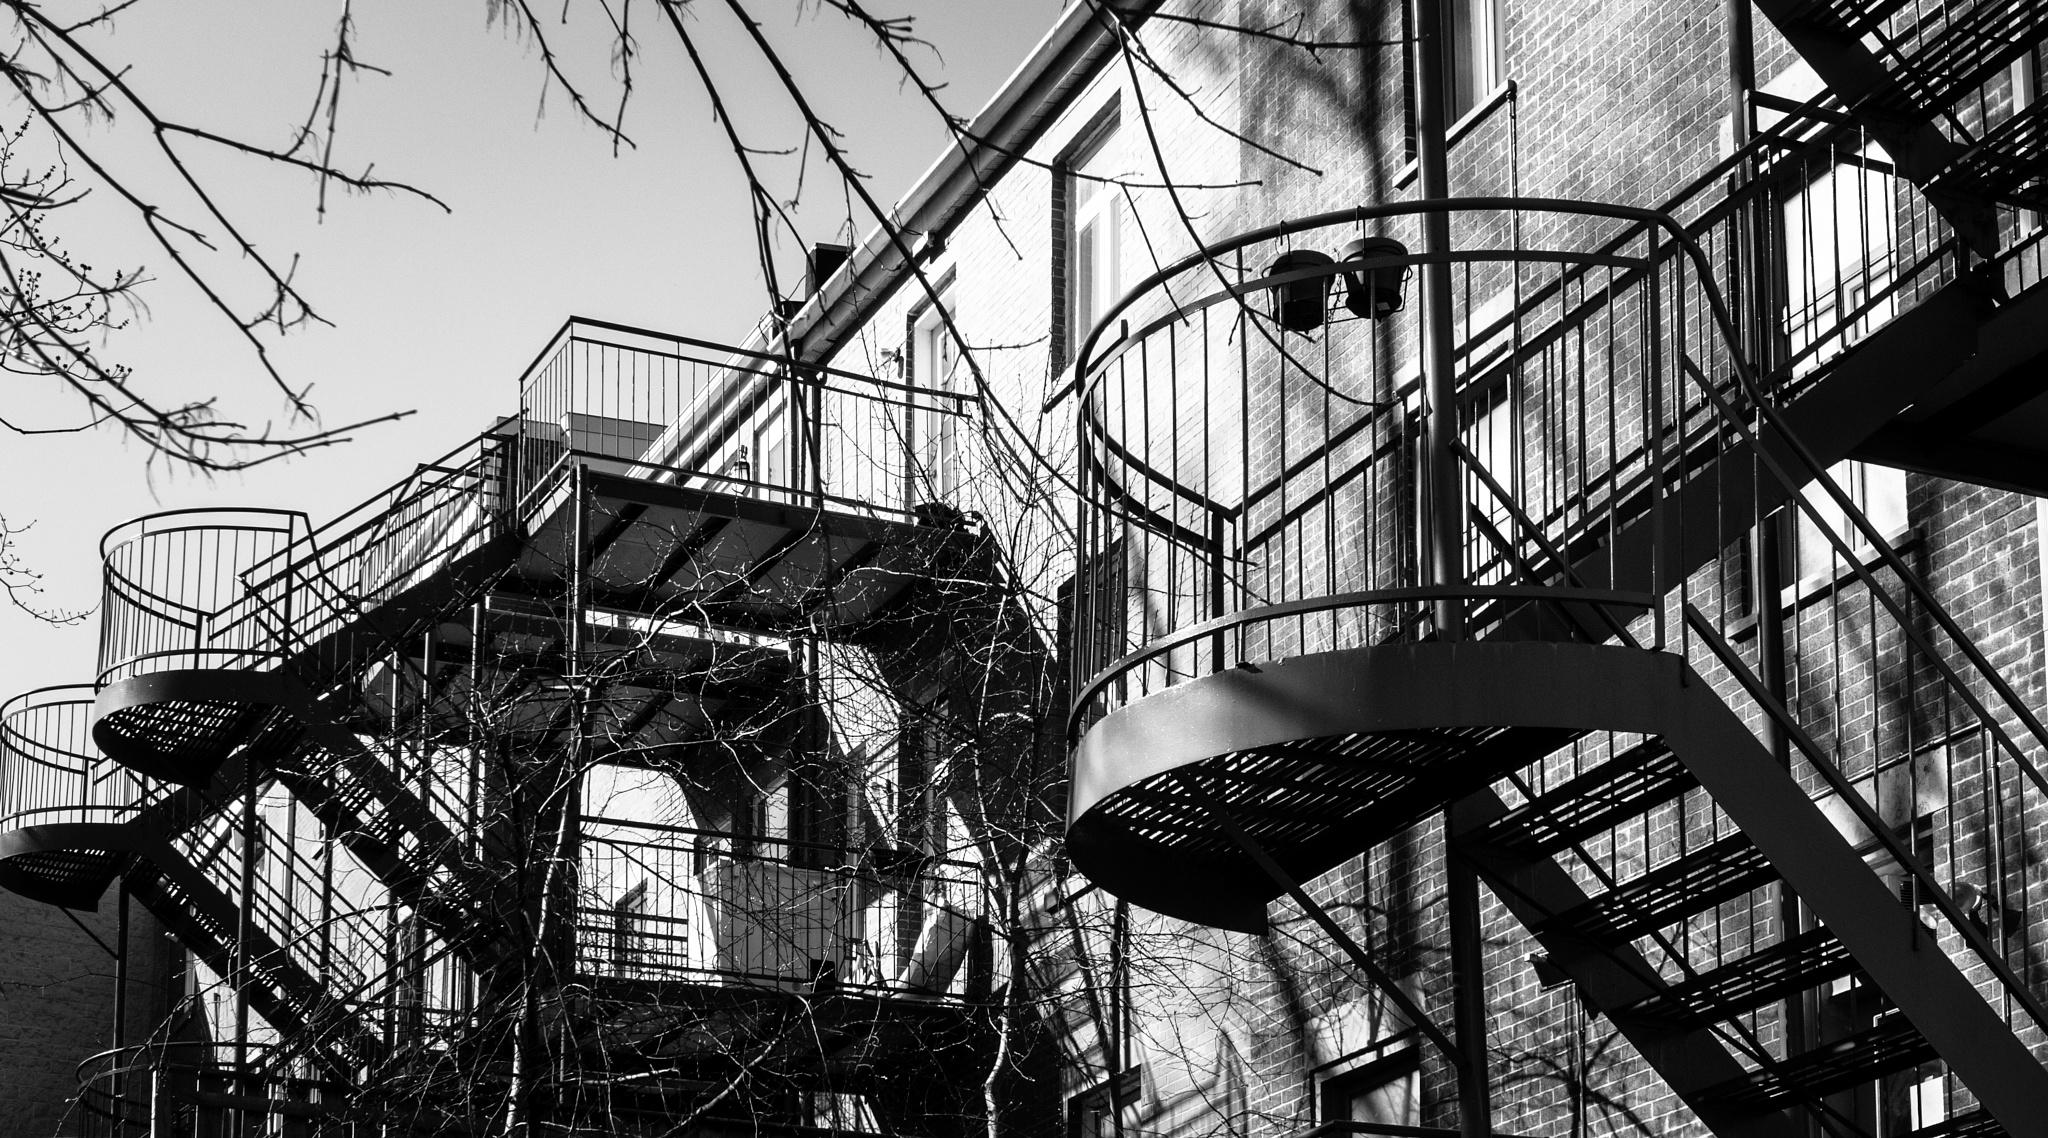 Stairs, de-la-Gauchetière street, Montreal by Martine de Lajudie